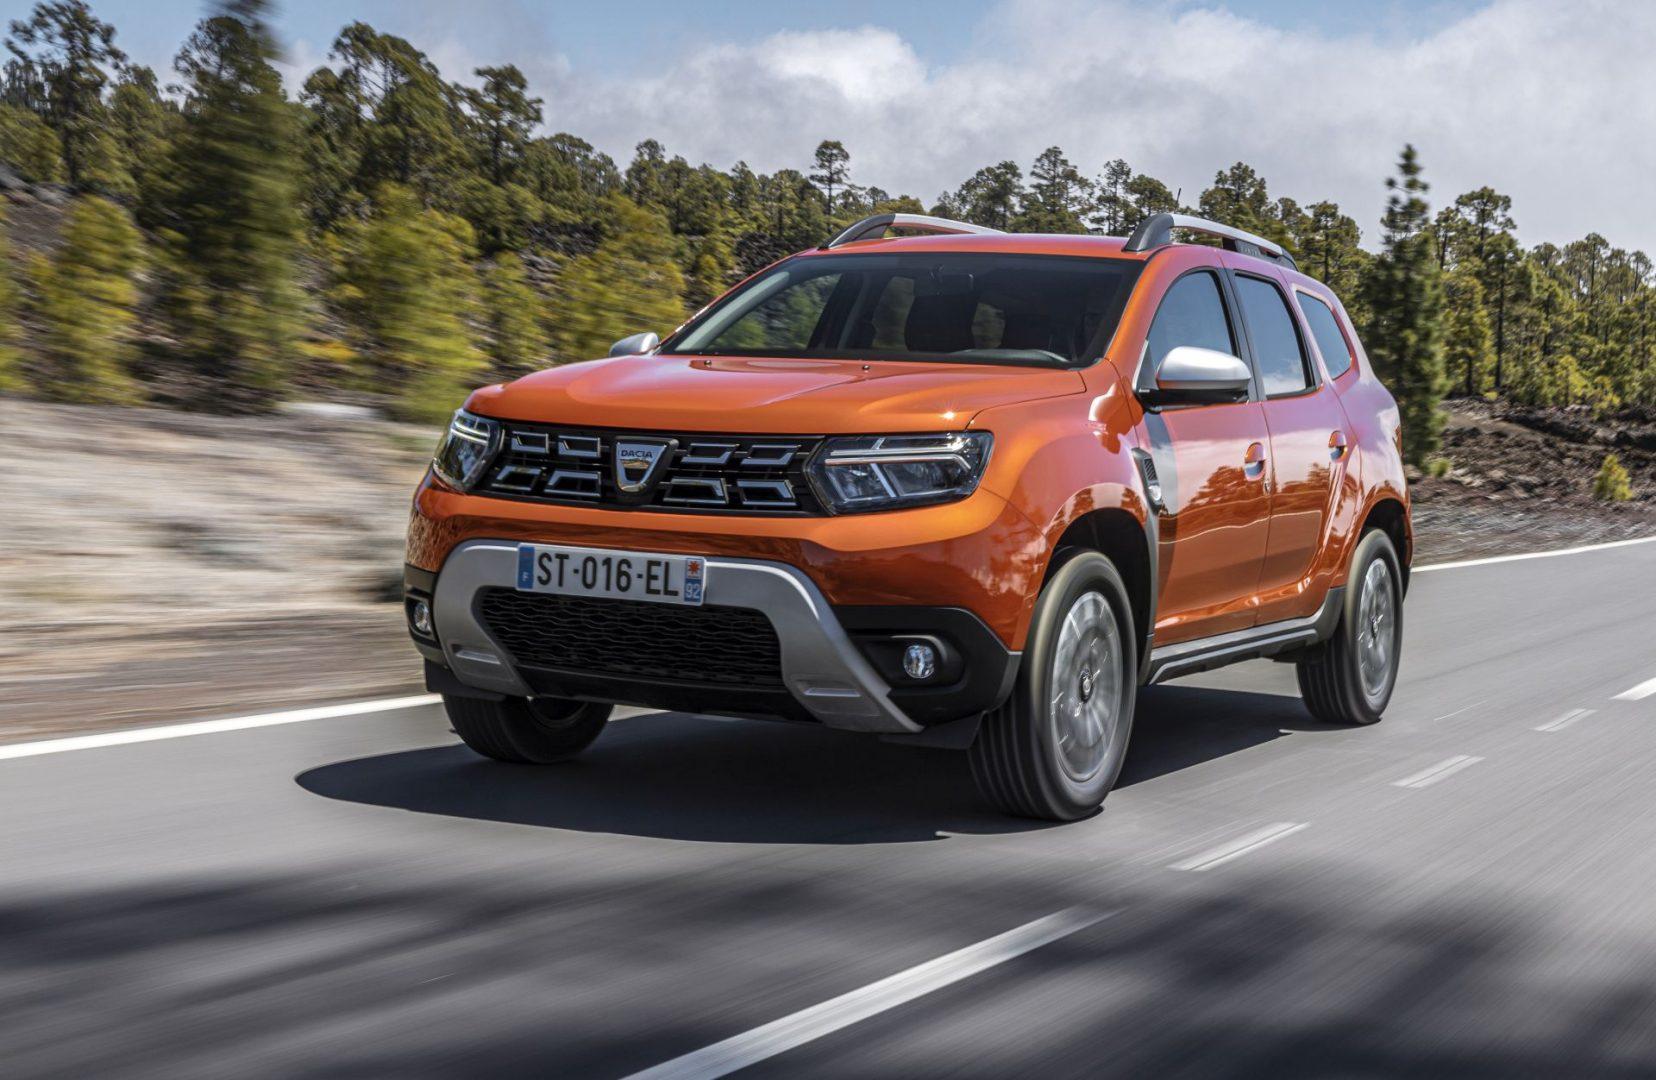 Upravo predstavljena redizajnirana Dacia Duster donosi mnogo novosti